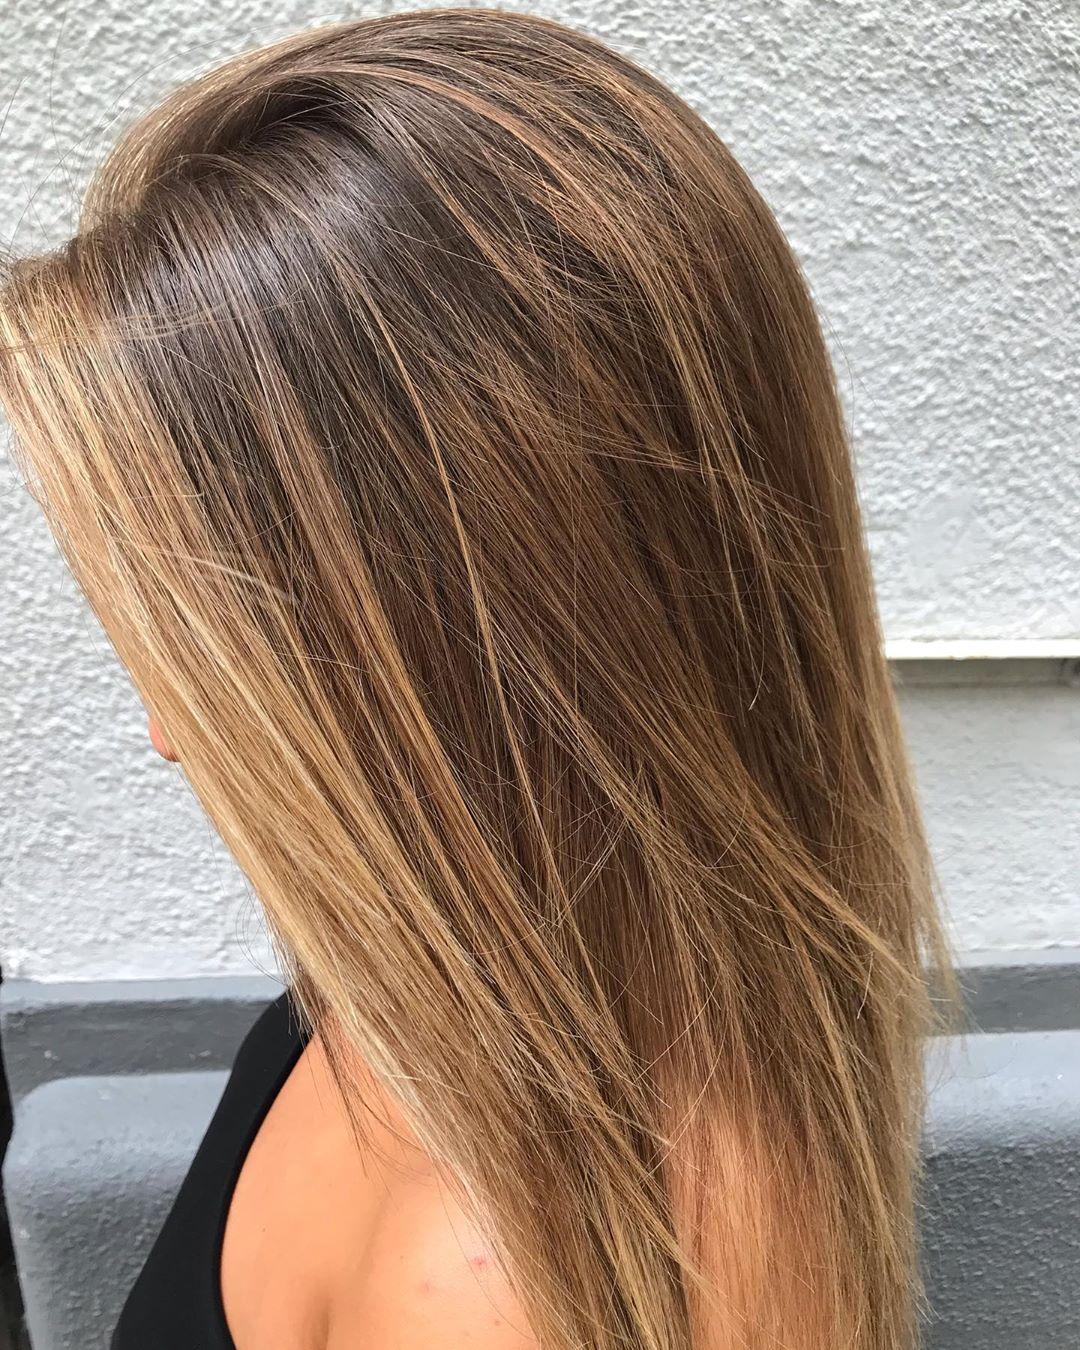 Cheveux bruns avec des mèches caramel et blond doré.